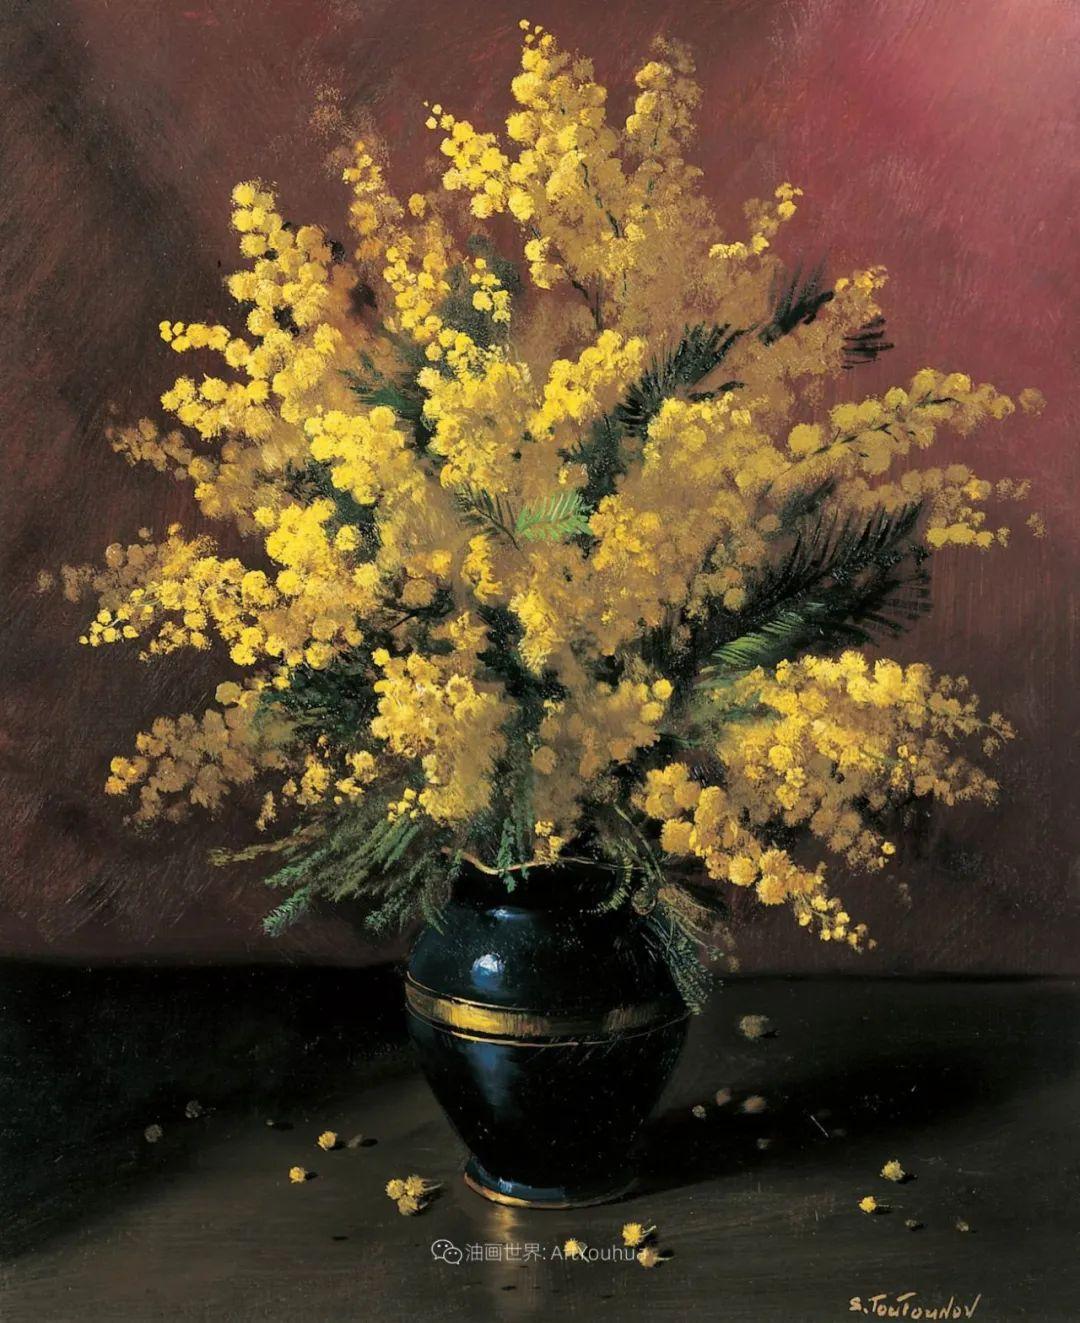 花香袭人,绚丽多彩!俄罗斯画家谢尔盖·图图诺夫插图29